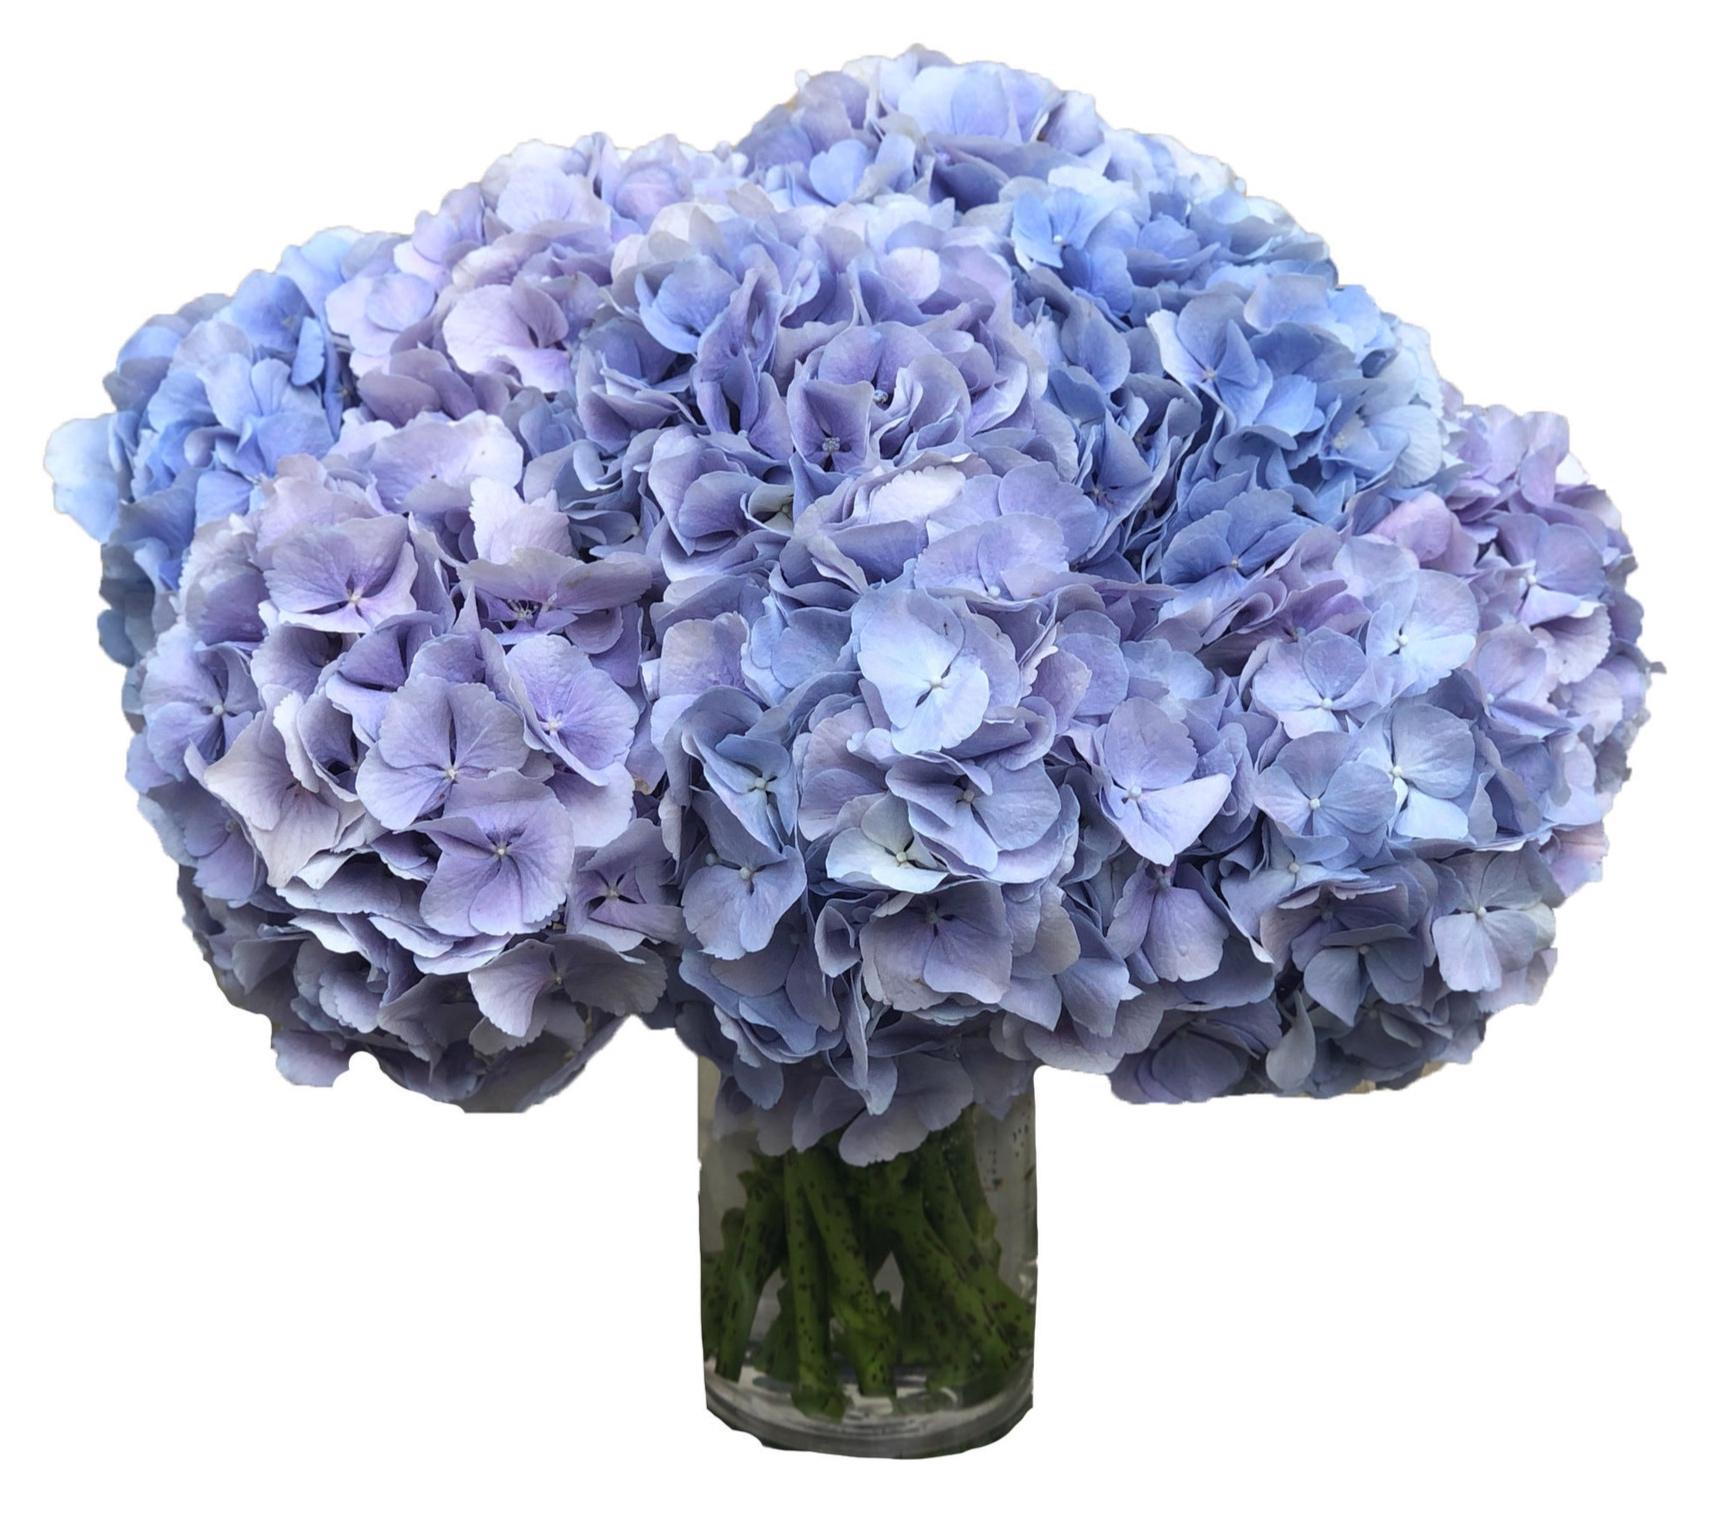 Bluish/Lavender Hydrangea